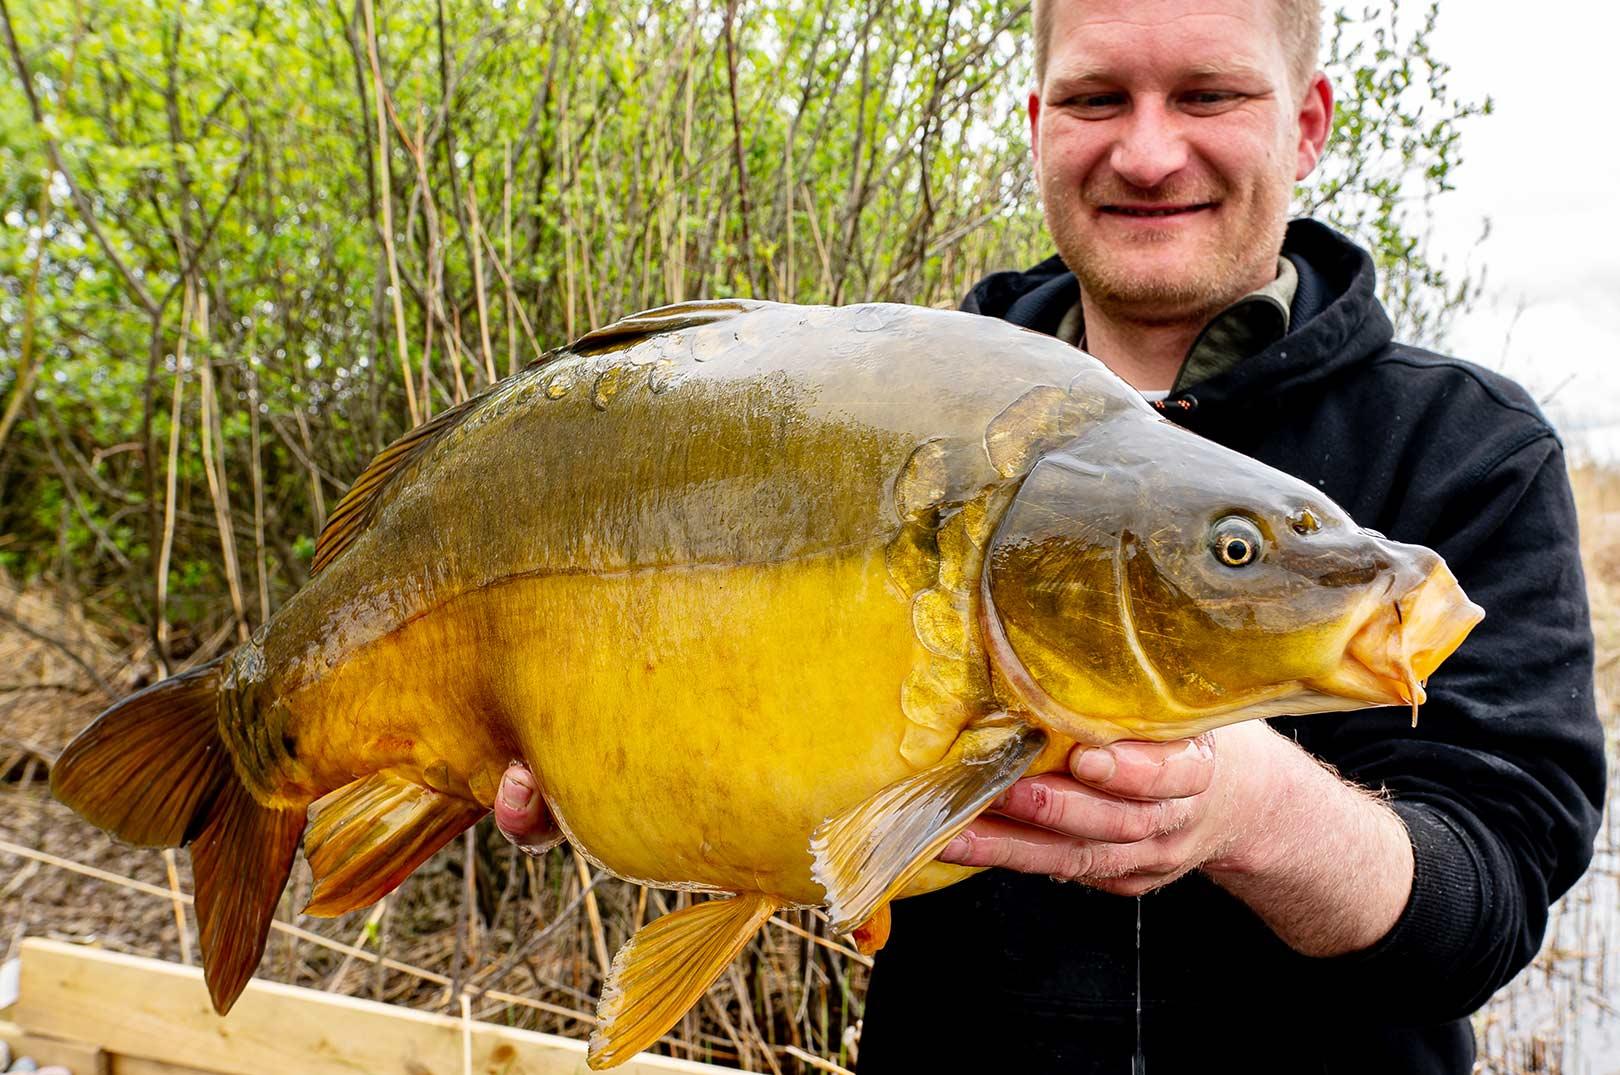 Søren med en af de fine karper fra turen. Øverst Morten Bak med en af sine fine fisk taget på boilies fra CFC-Bait.